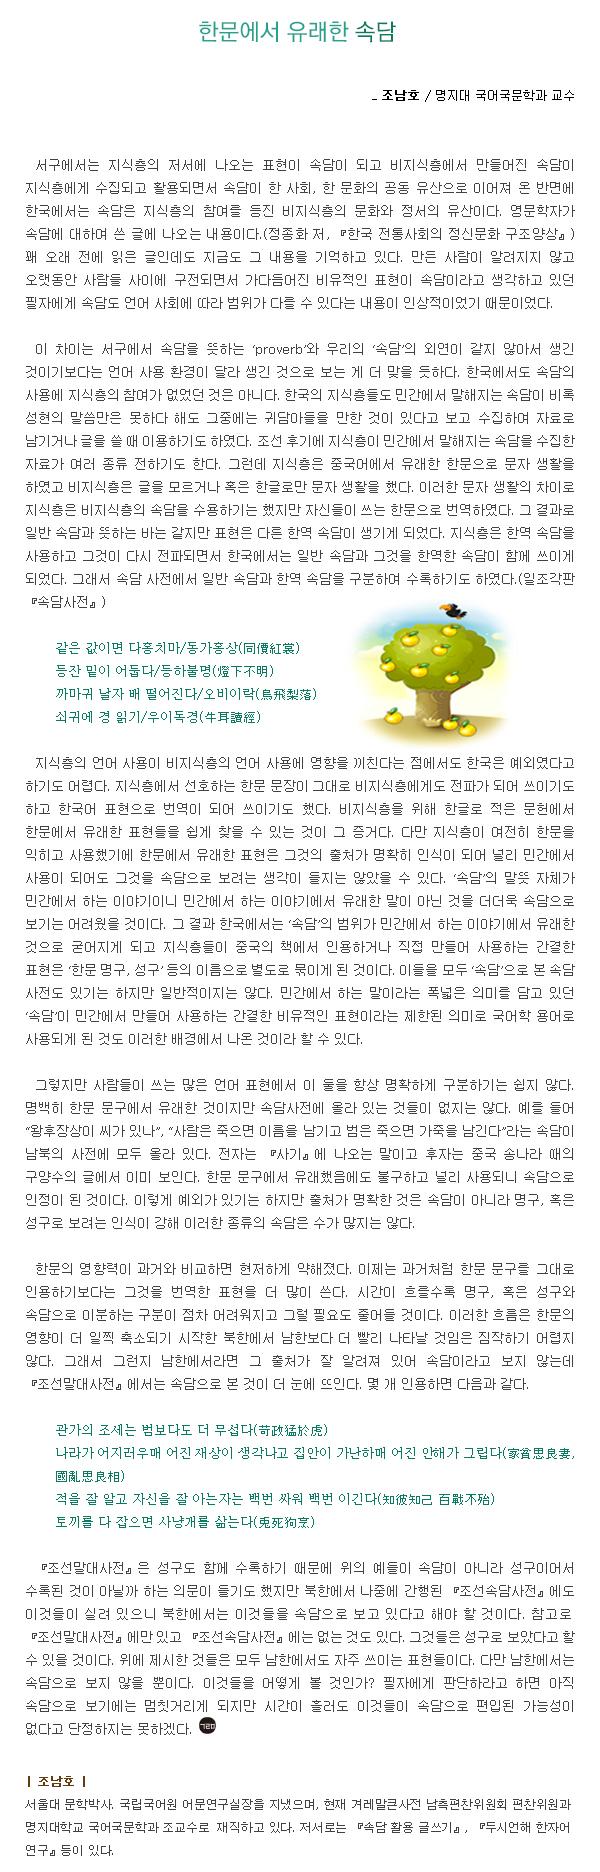 남녘말-북녘말_조남호.jpg